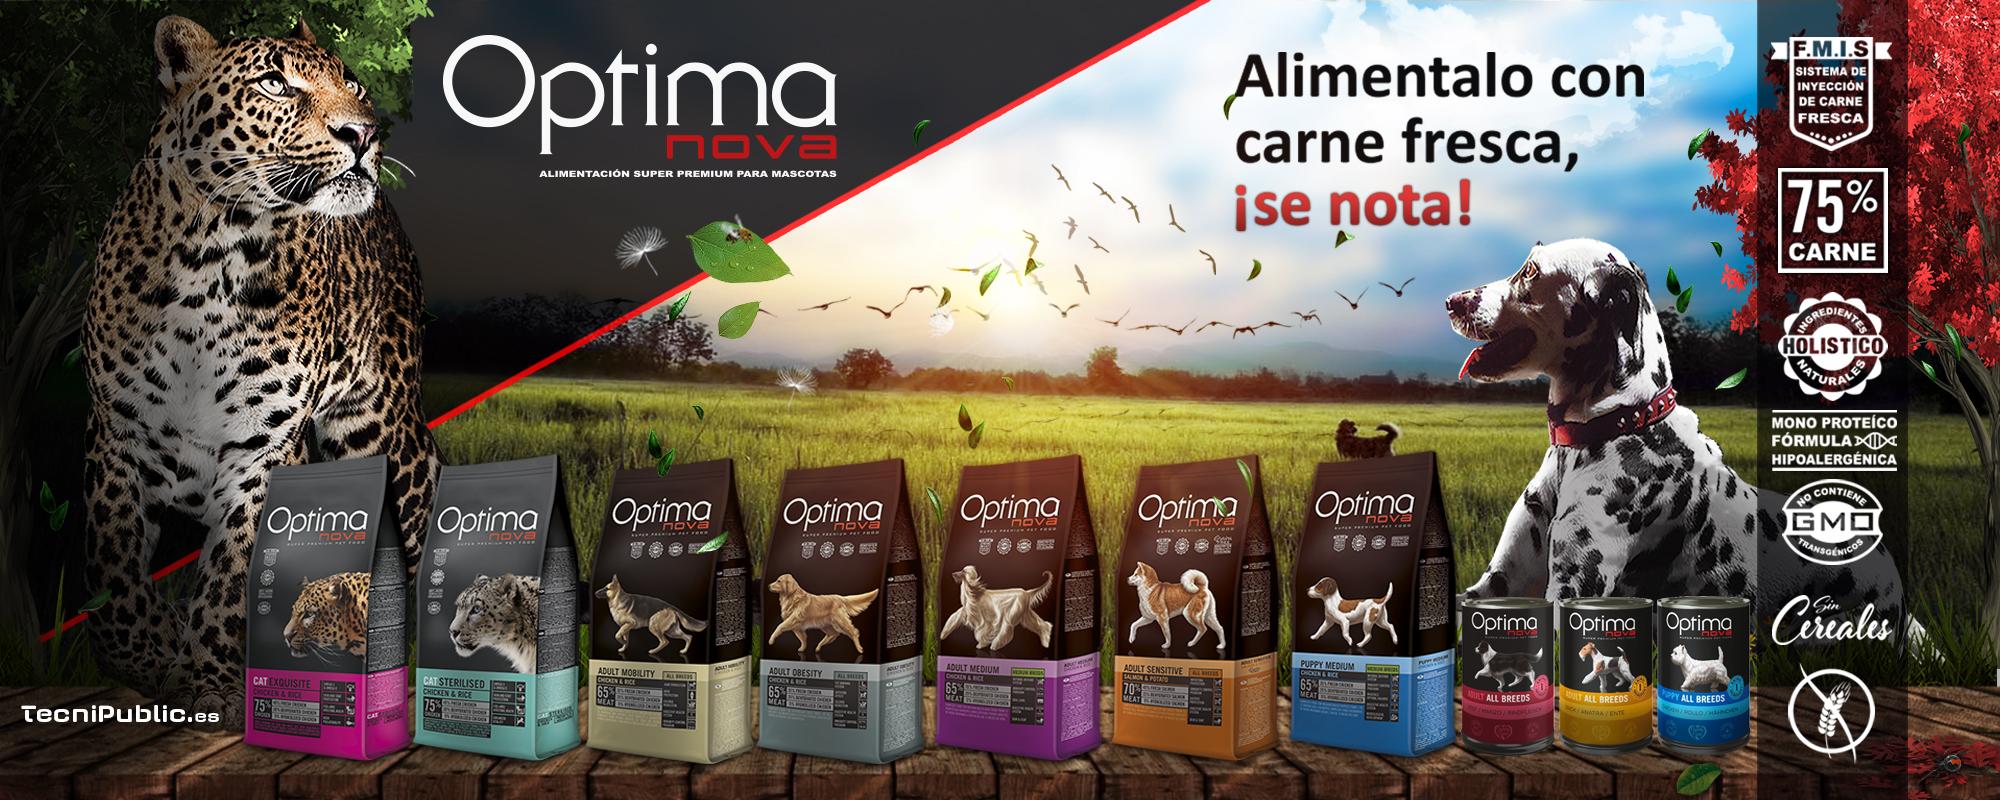 Visán - Optimanova alimento seco y húmedo para perros y gatos